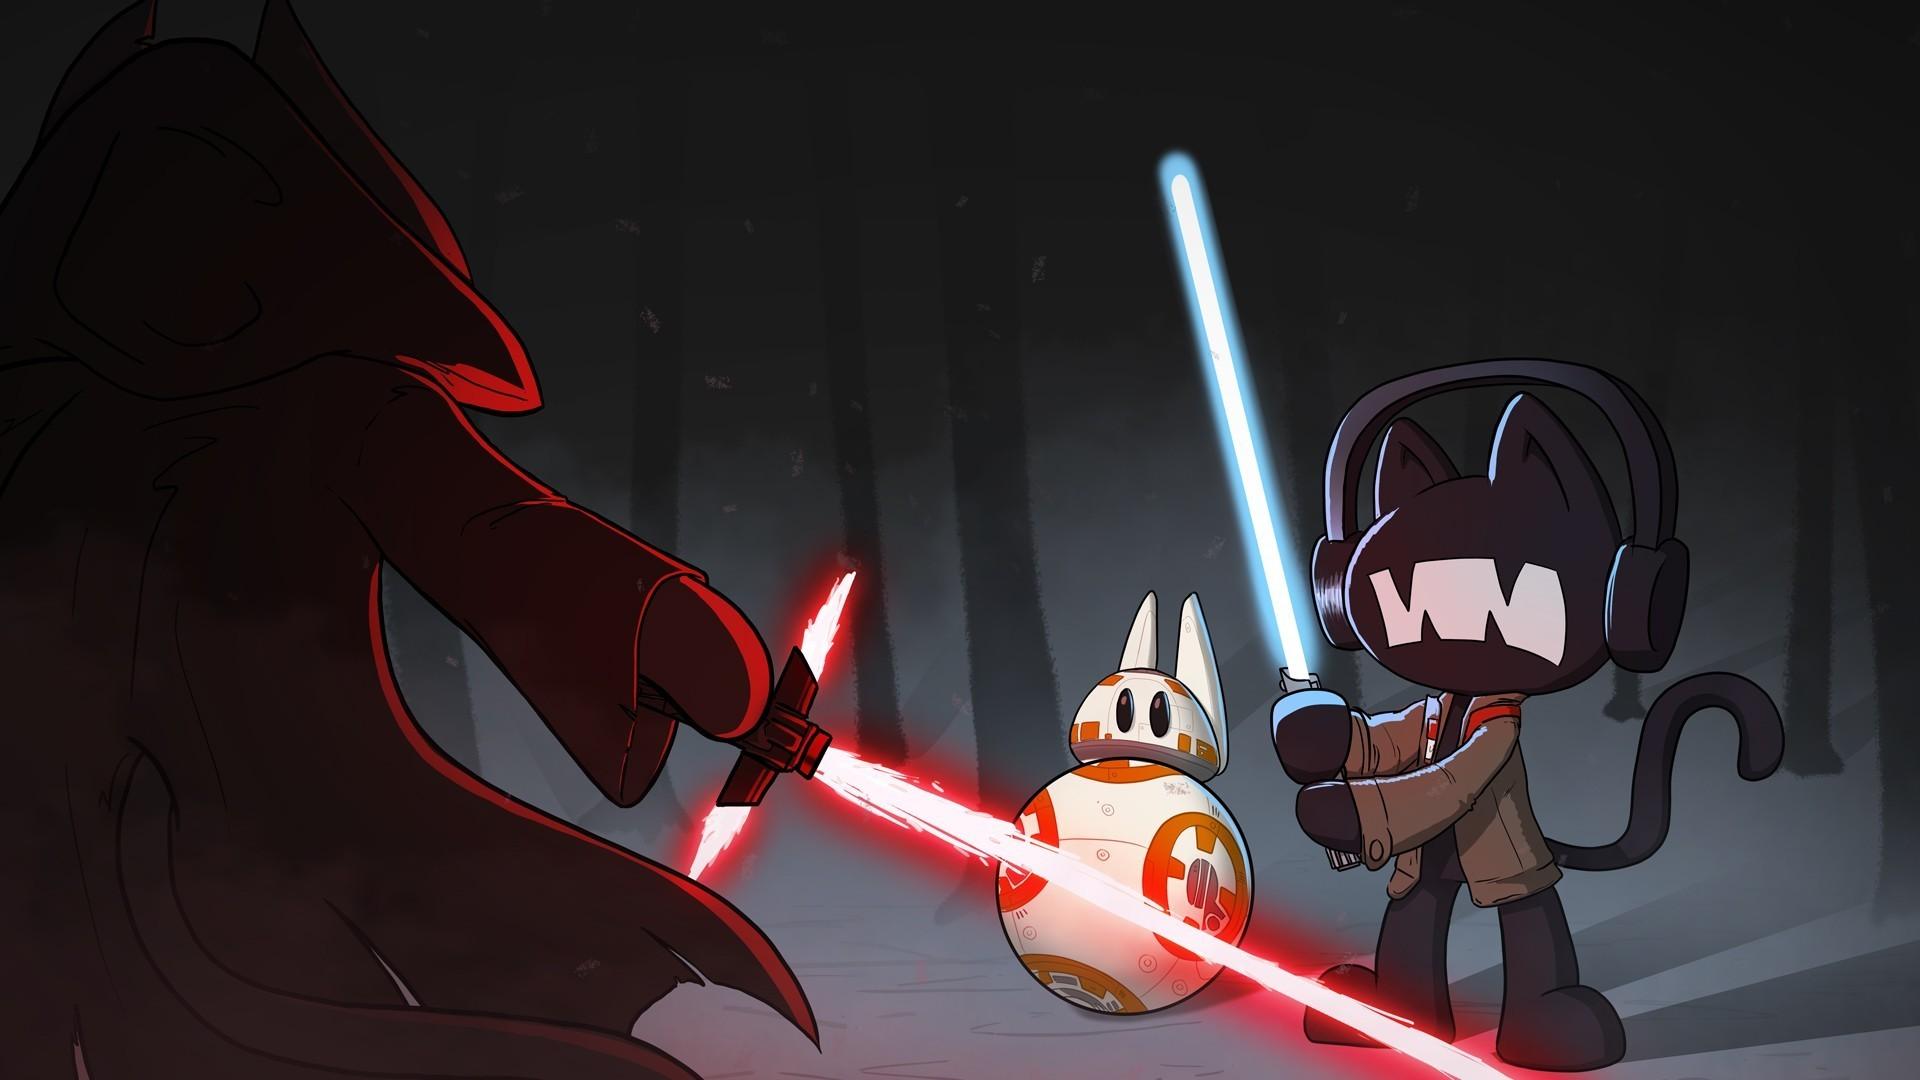 monstercat star wars the force awakens lightsaber. monstercat pegboard  nerds Wallpaper HD